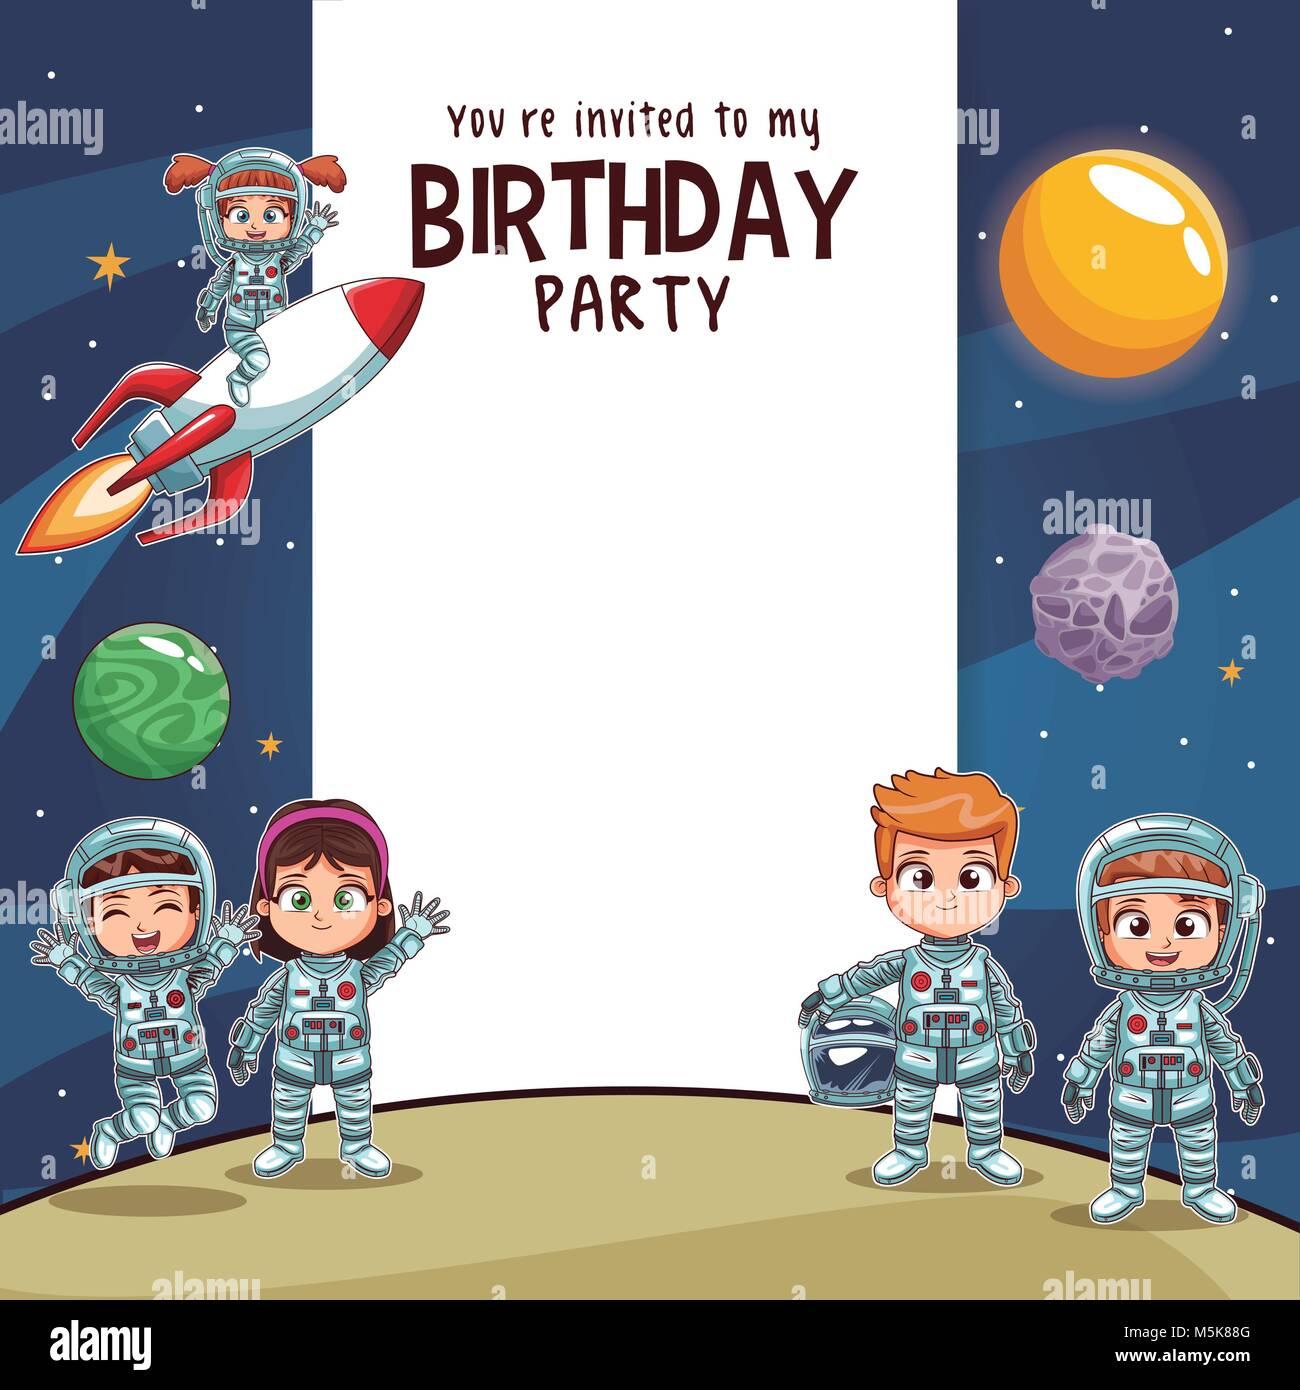 Tarjeta De Invitación De Cumpleaños Fiesta Kids Ilustración